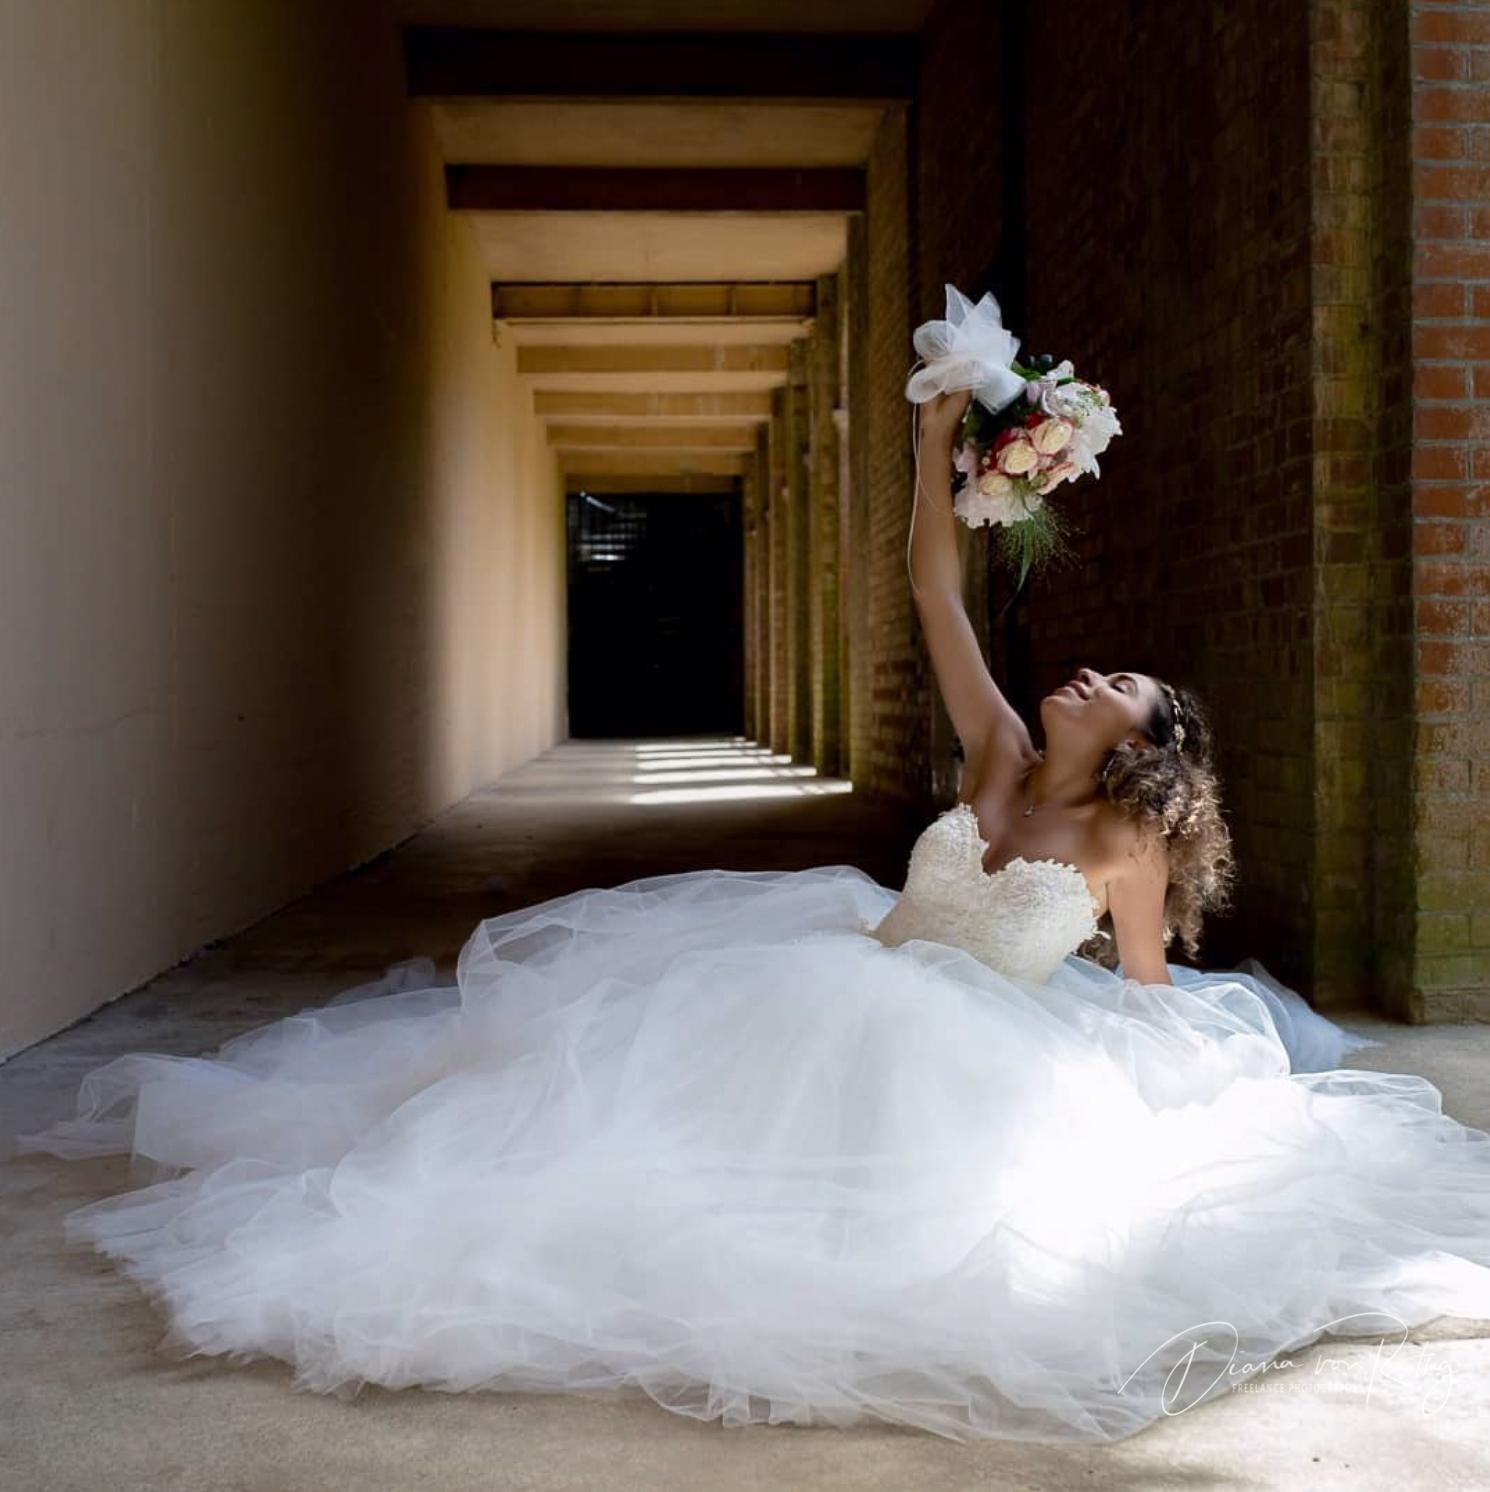 Diana Von R Wedding Photographer London